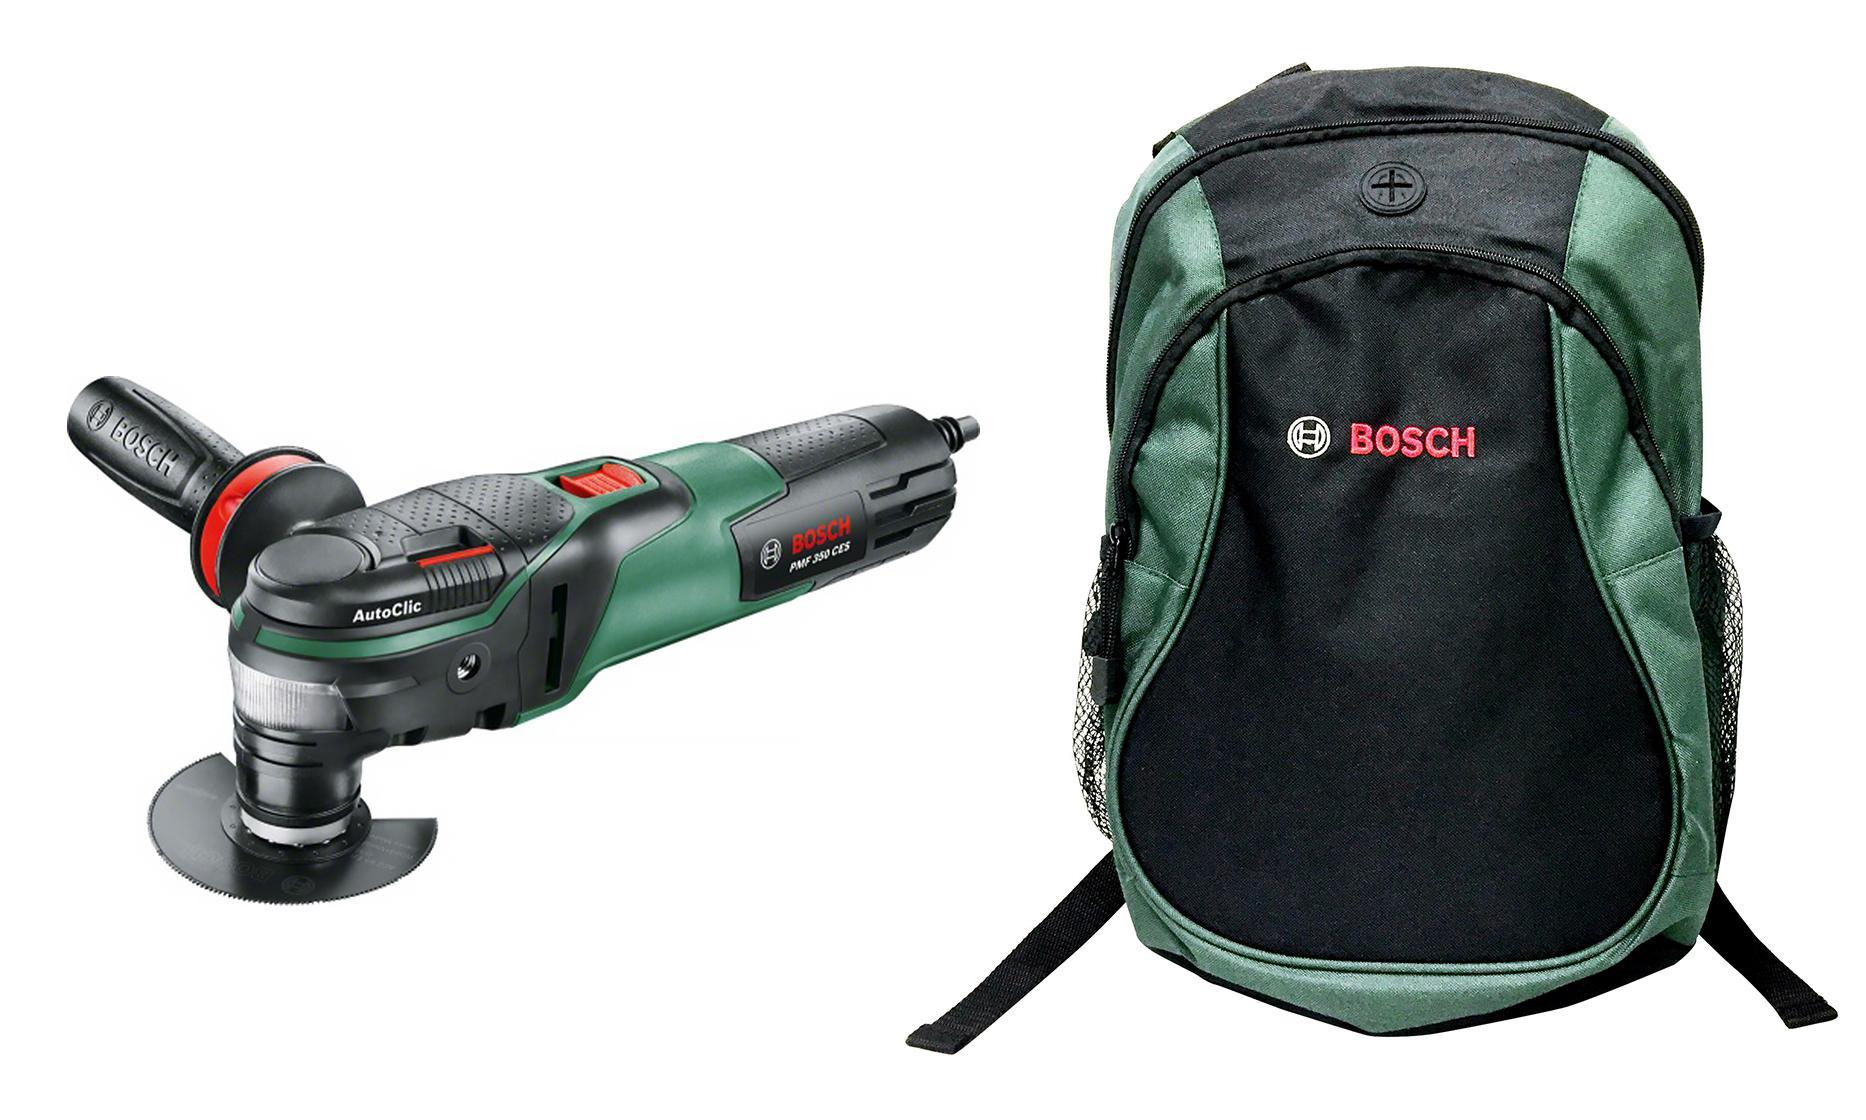 цена на Набор Bosch Инструмент многофункц. pmf 350 ces + рюкзак green (1619g45200)